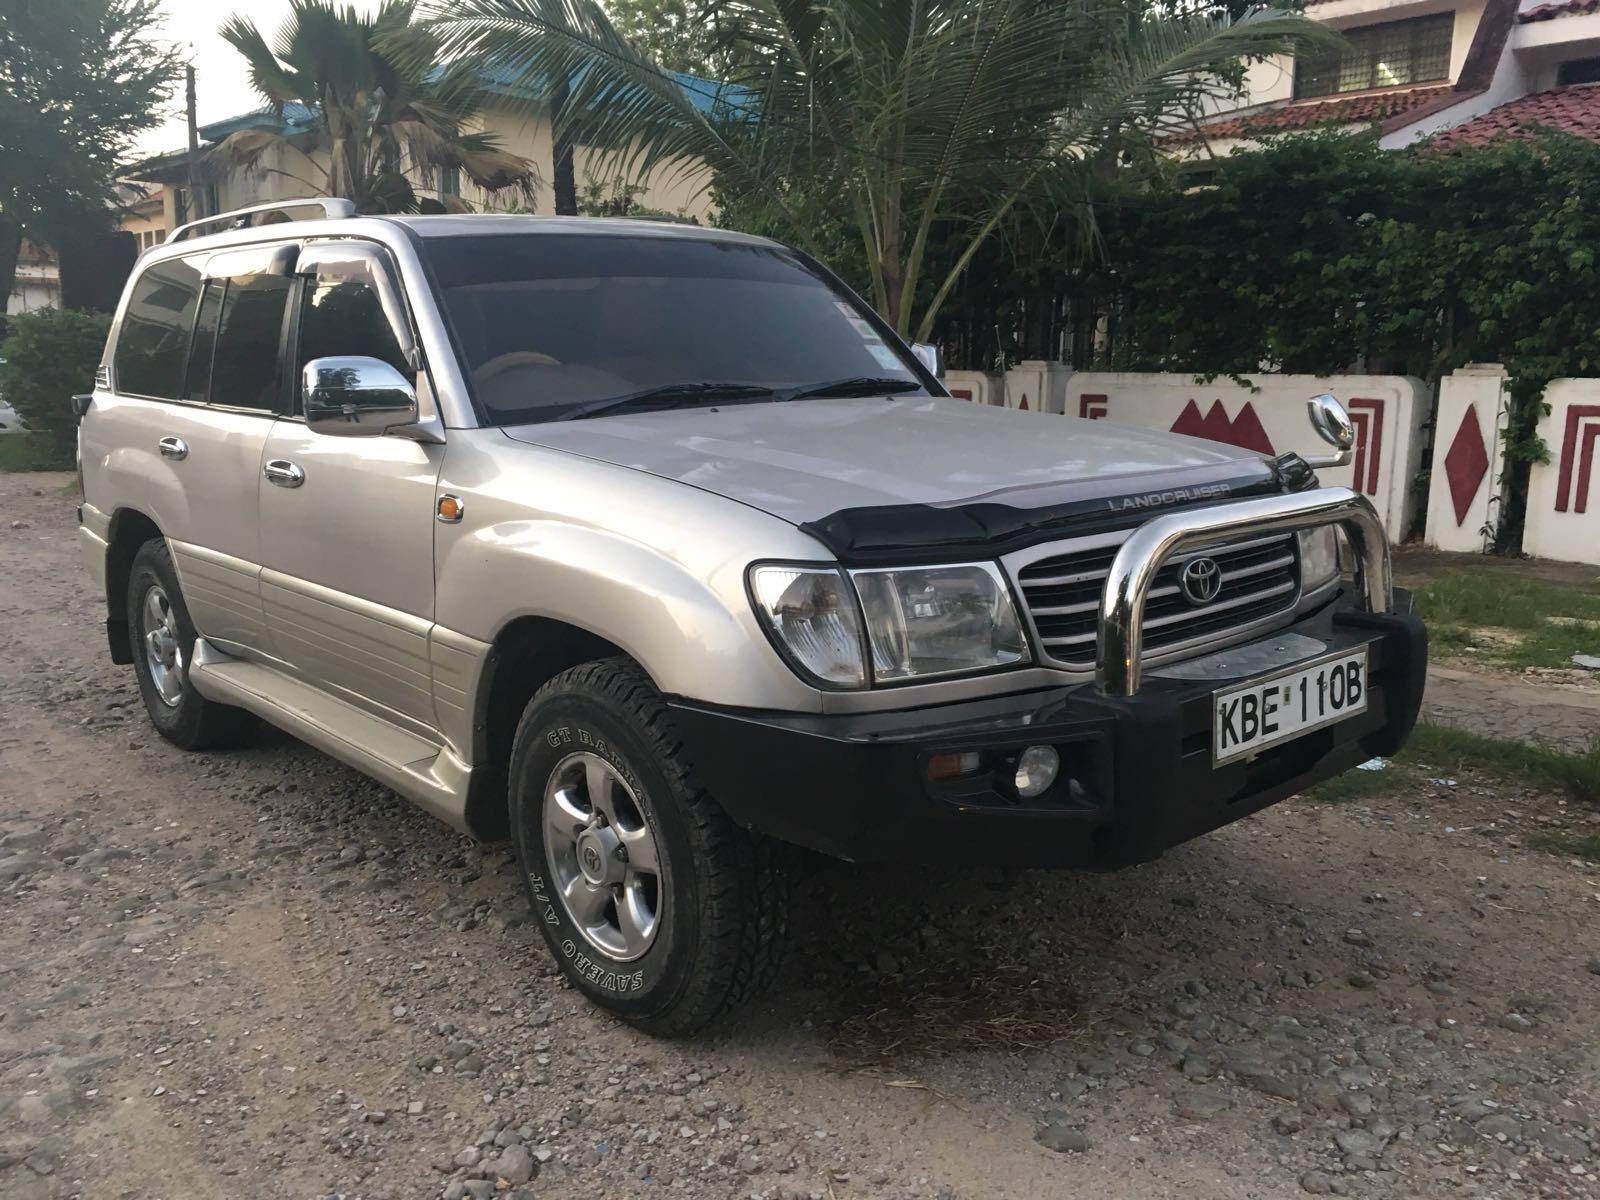 2001 Toyota Land Cruiser VX Limited 4.2 Diesel